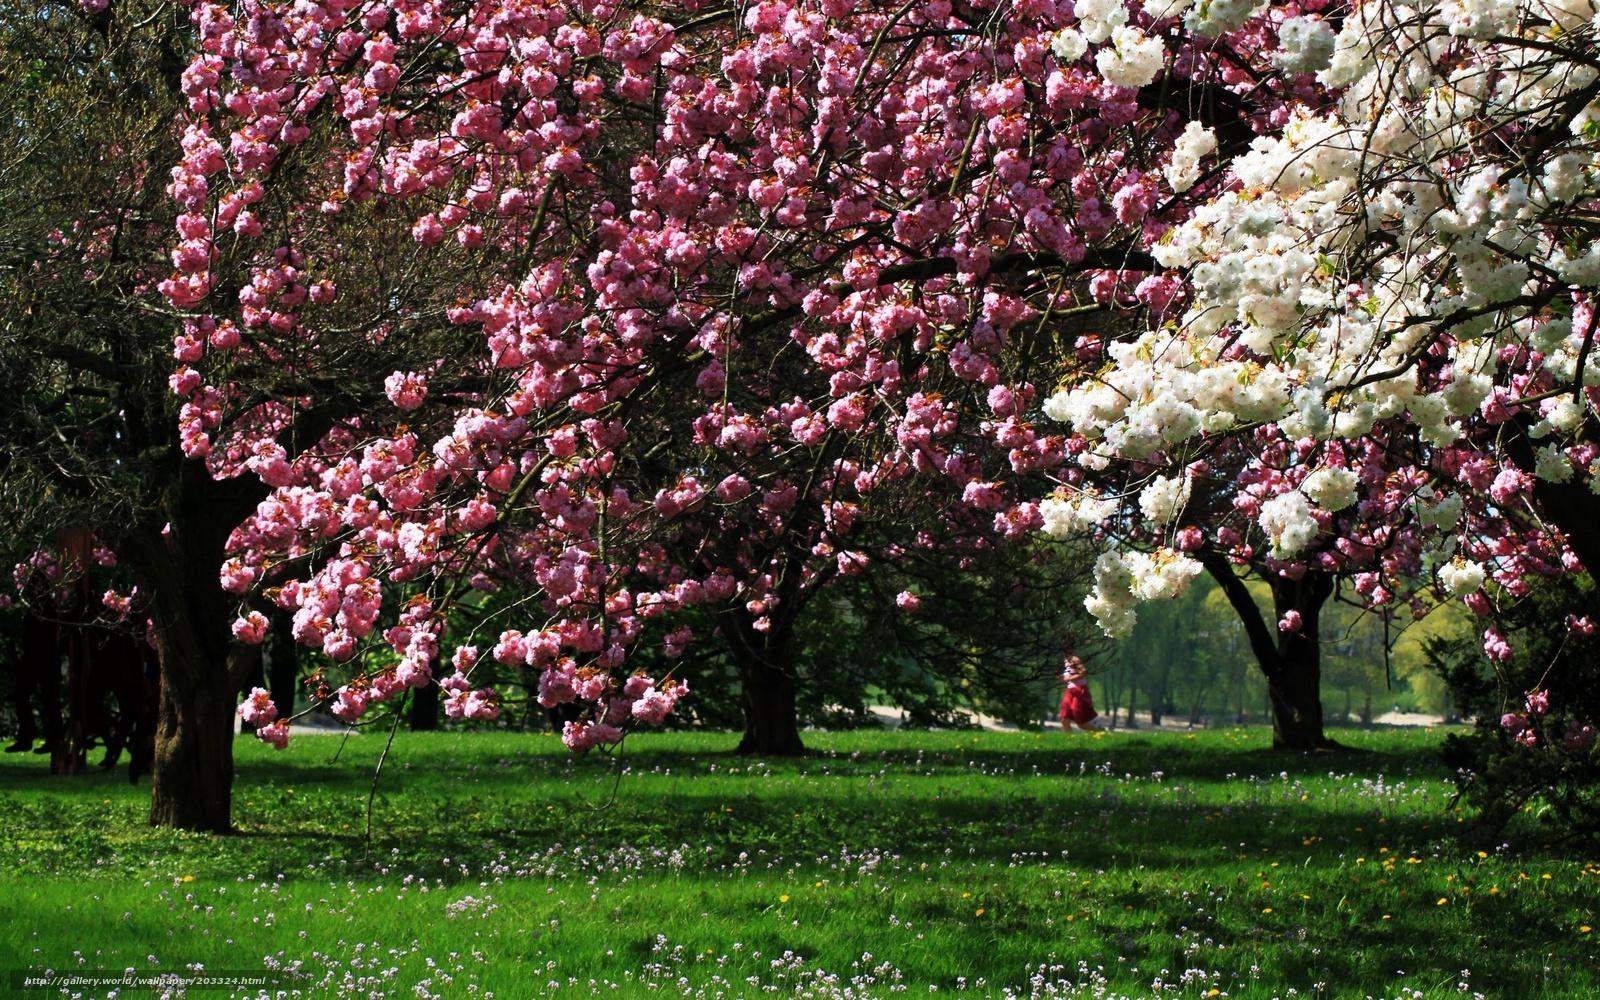 Scaricare gli sfondi primavera fiori primavera d 39 animo for Sfondi desktop primavera